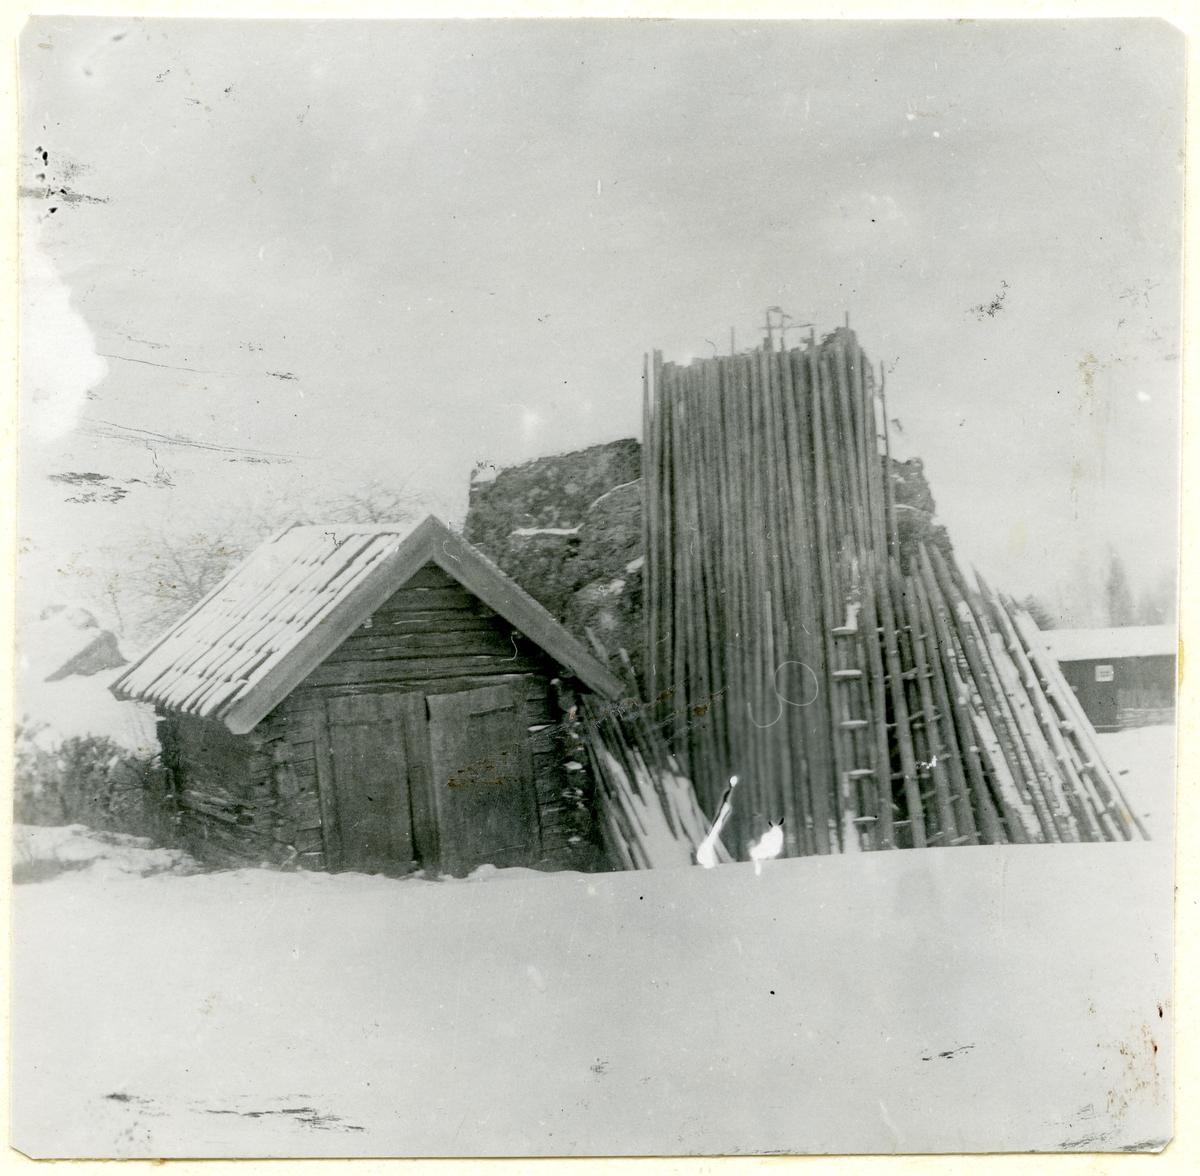 Fläckebo sn, Väster Vrenninge.  Sotarstugan. Liten stuga bredvid stor sten, där det står långa störar lutade.